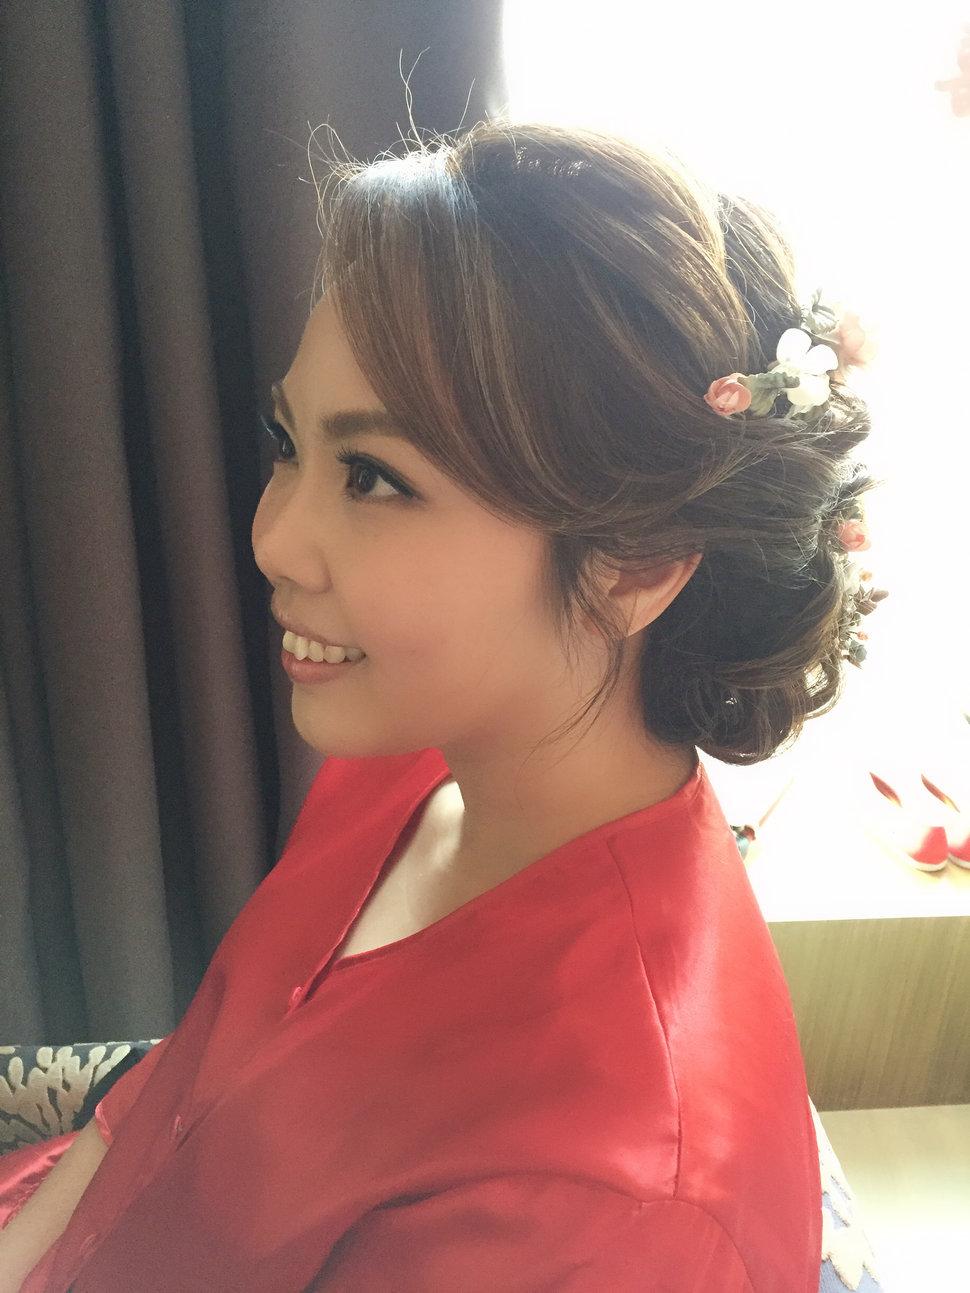 93964518-F76D-4F20-9321-55D762CC6238 - Jojo chen Makeup新娘秘書《結婚吧》